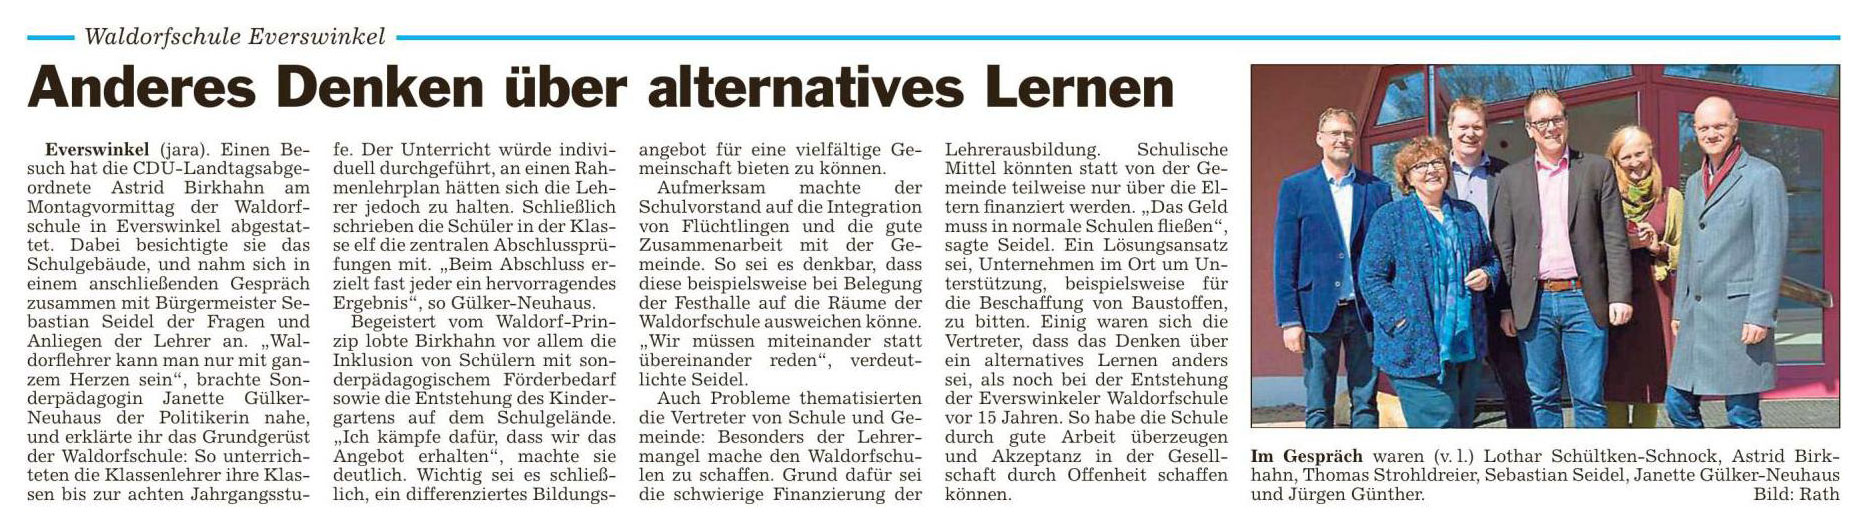 Besuch der Landtagsabgeordneten A. Birkhahn (19.3.2016)